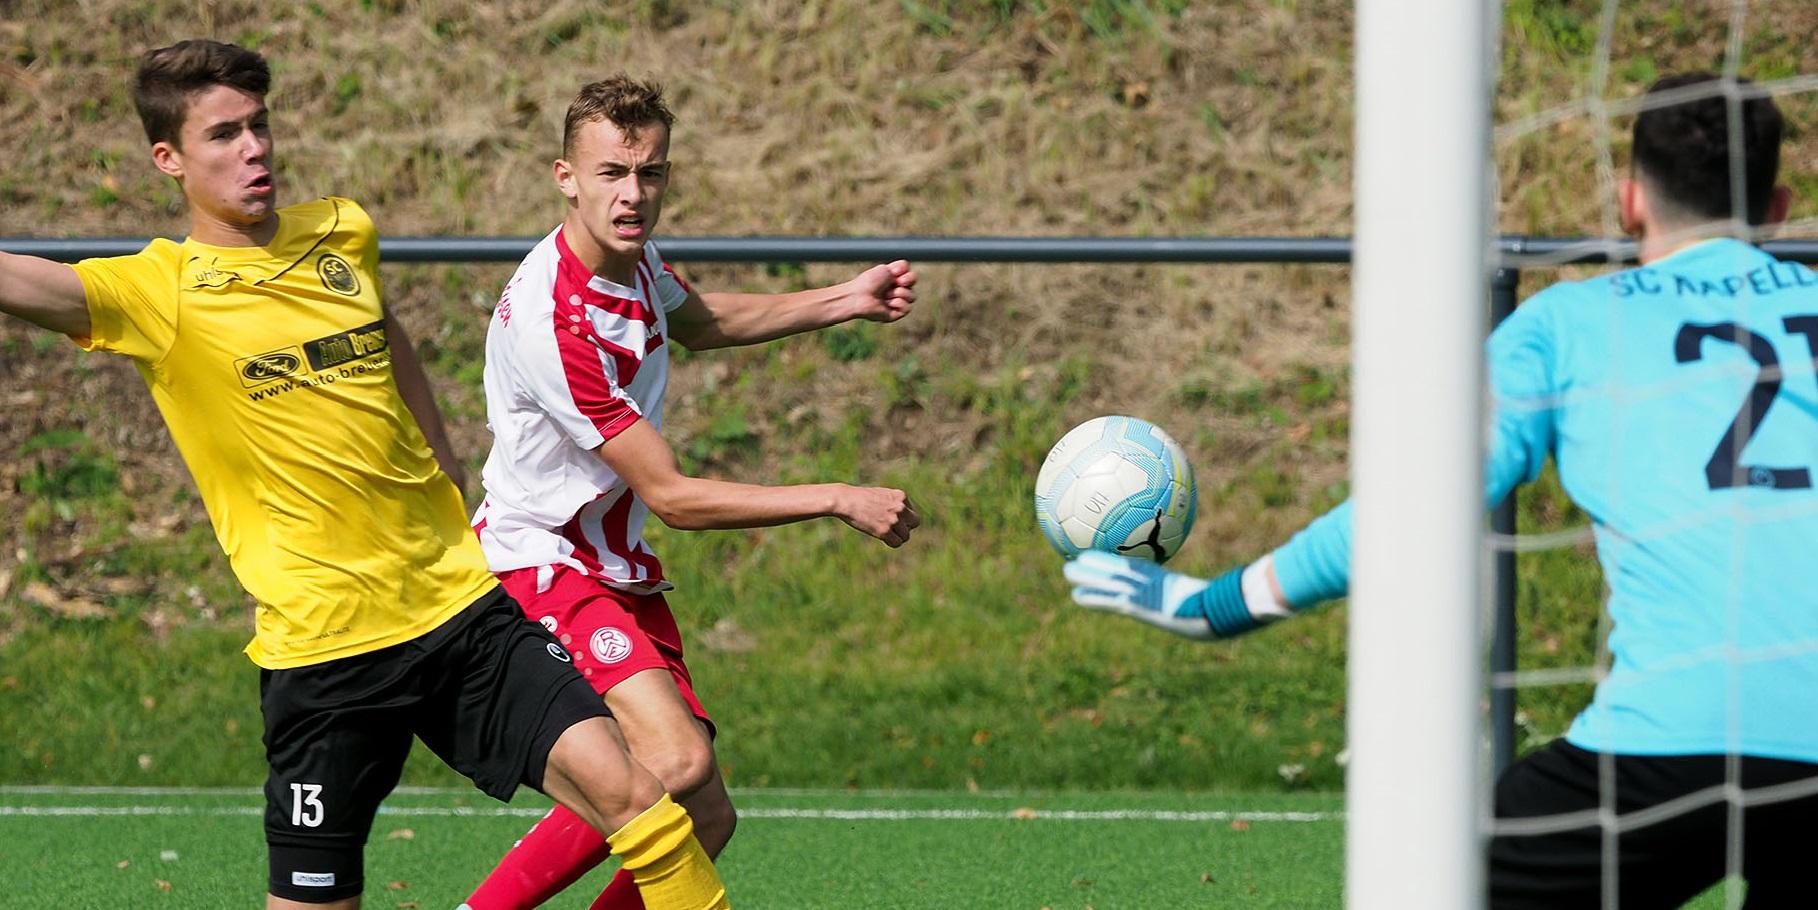 Die rot-weisse U17 wird ihrer Favoritenrolle gerecht und gewinnt mit 2:0 gegen die Sportfreunde Hamborn. (Foto: Endberg)